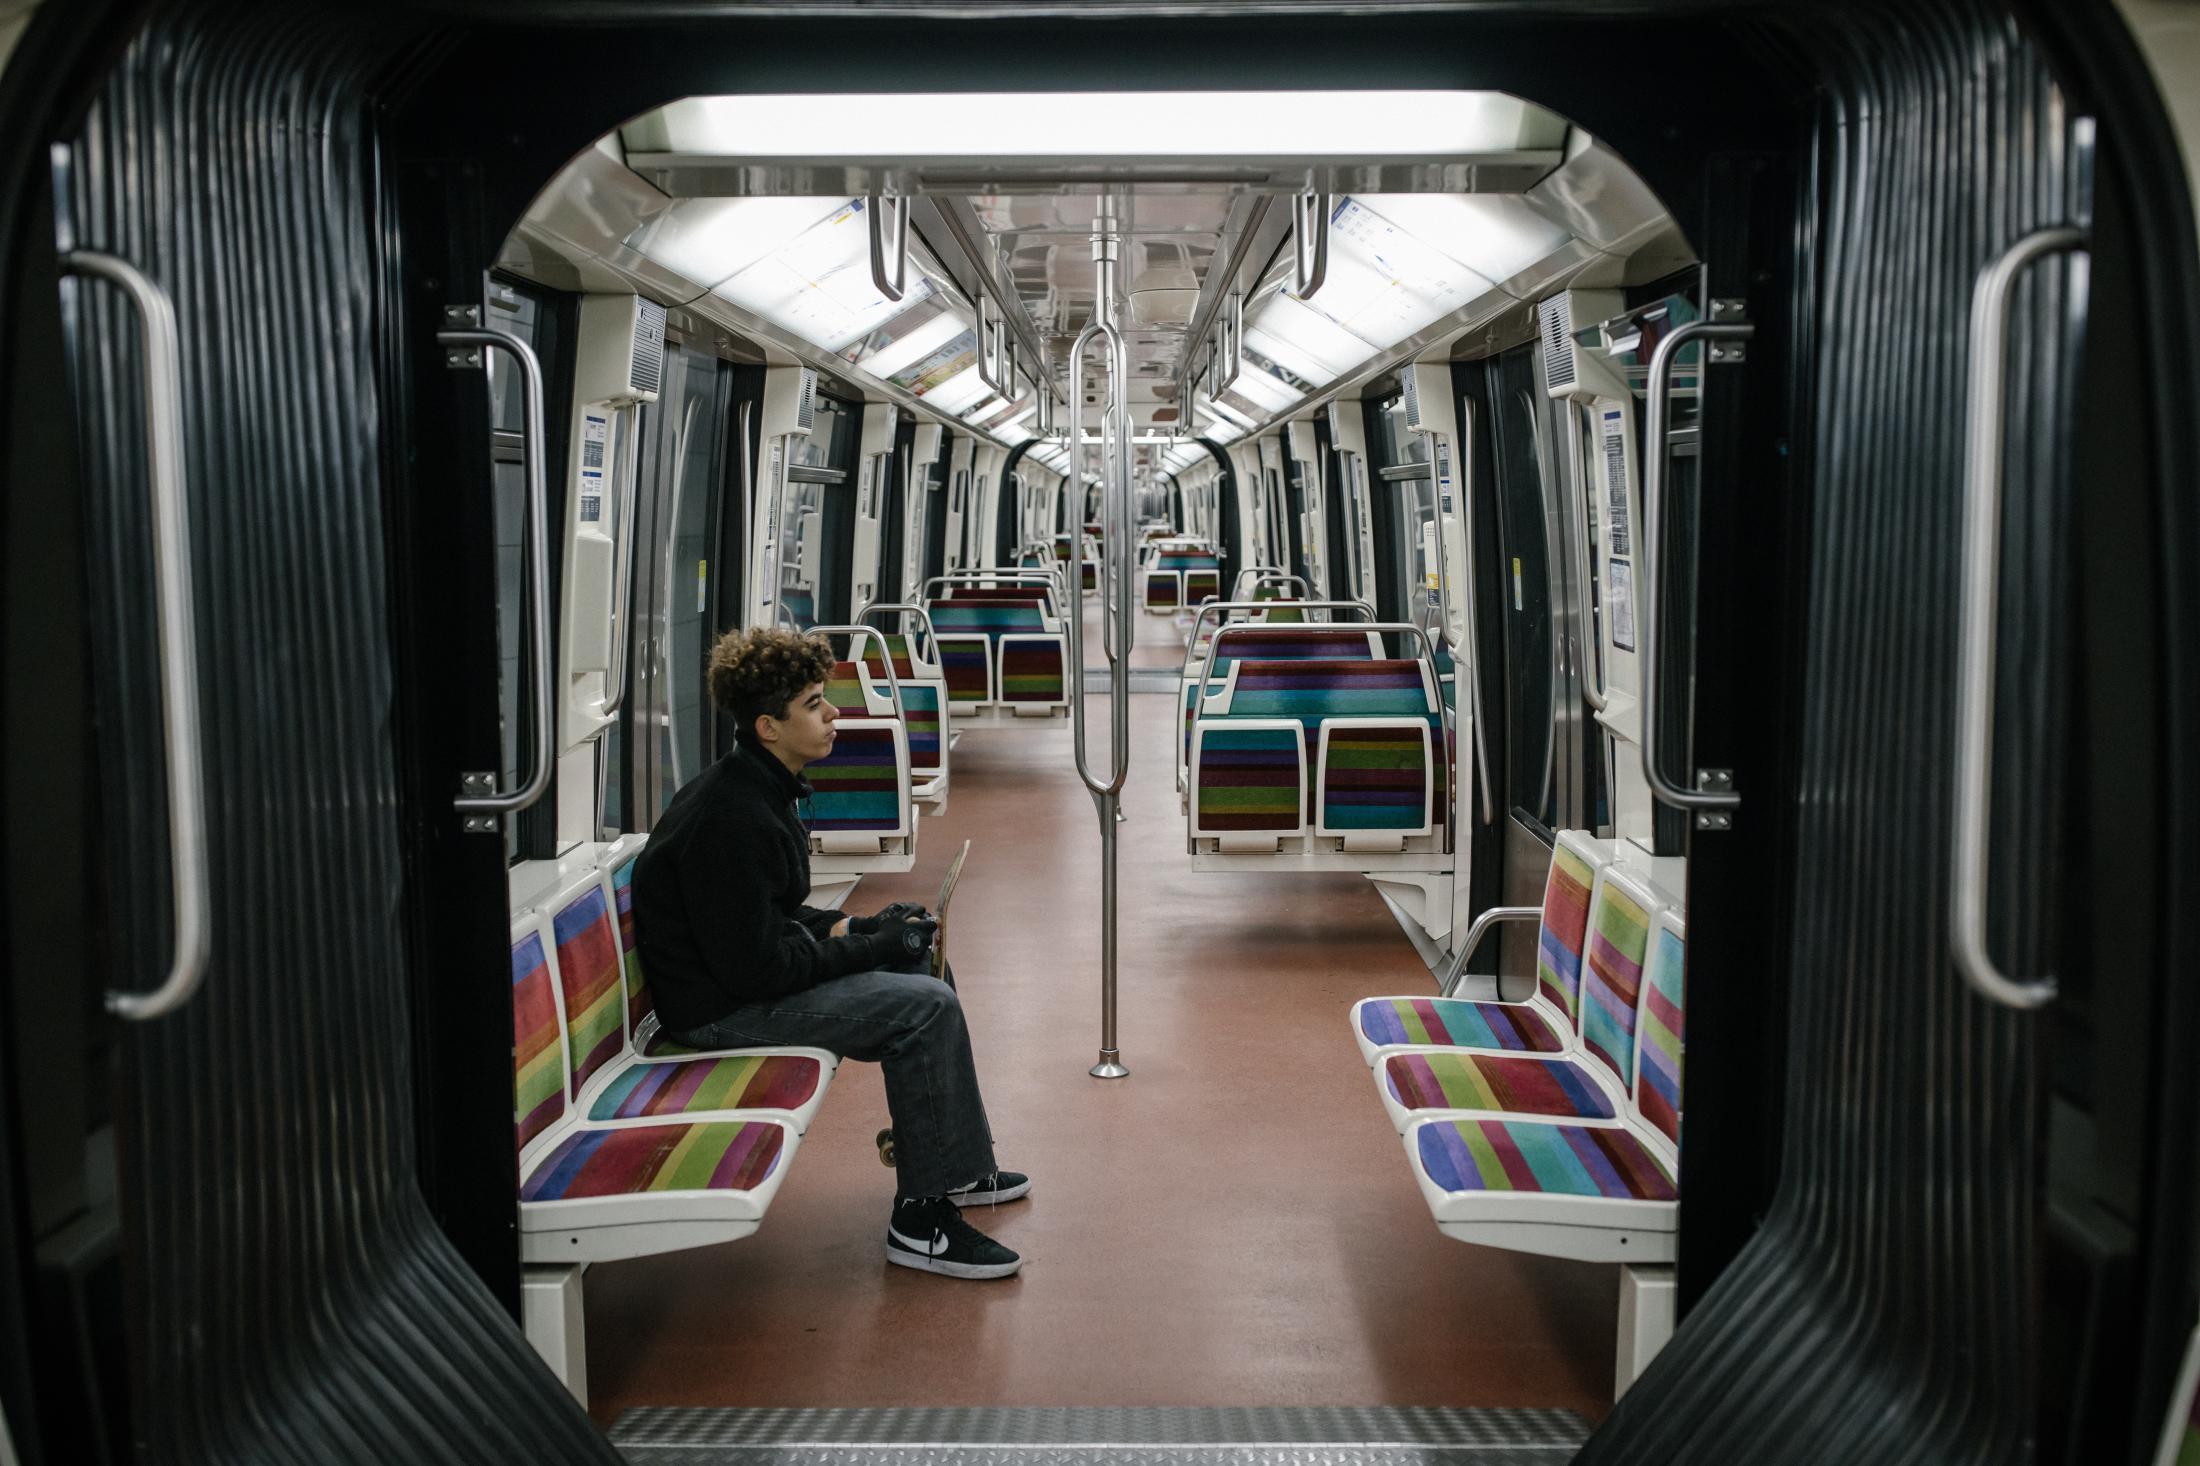 22 mars 2020 Jour 7 confinement. Dans le métro, ligne 1, peu de passagers.